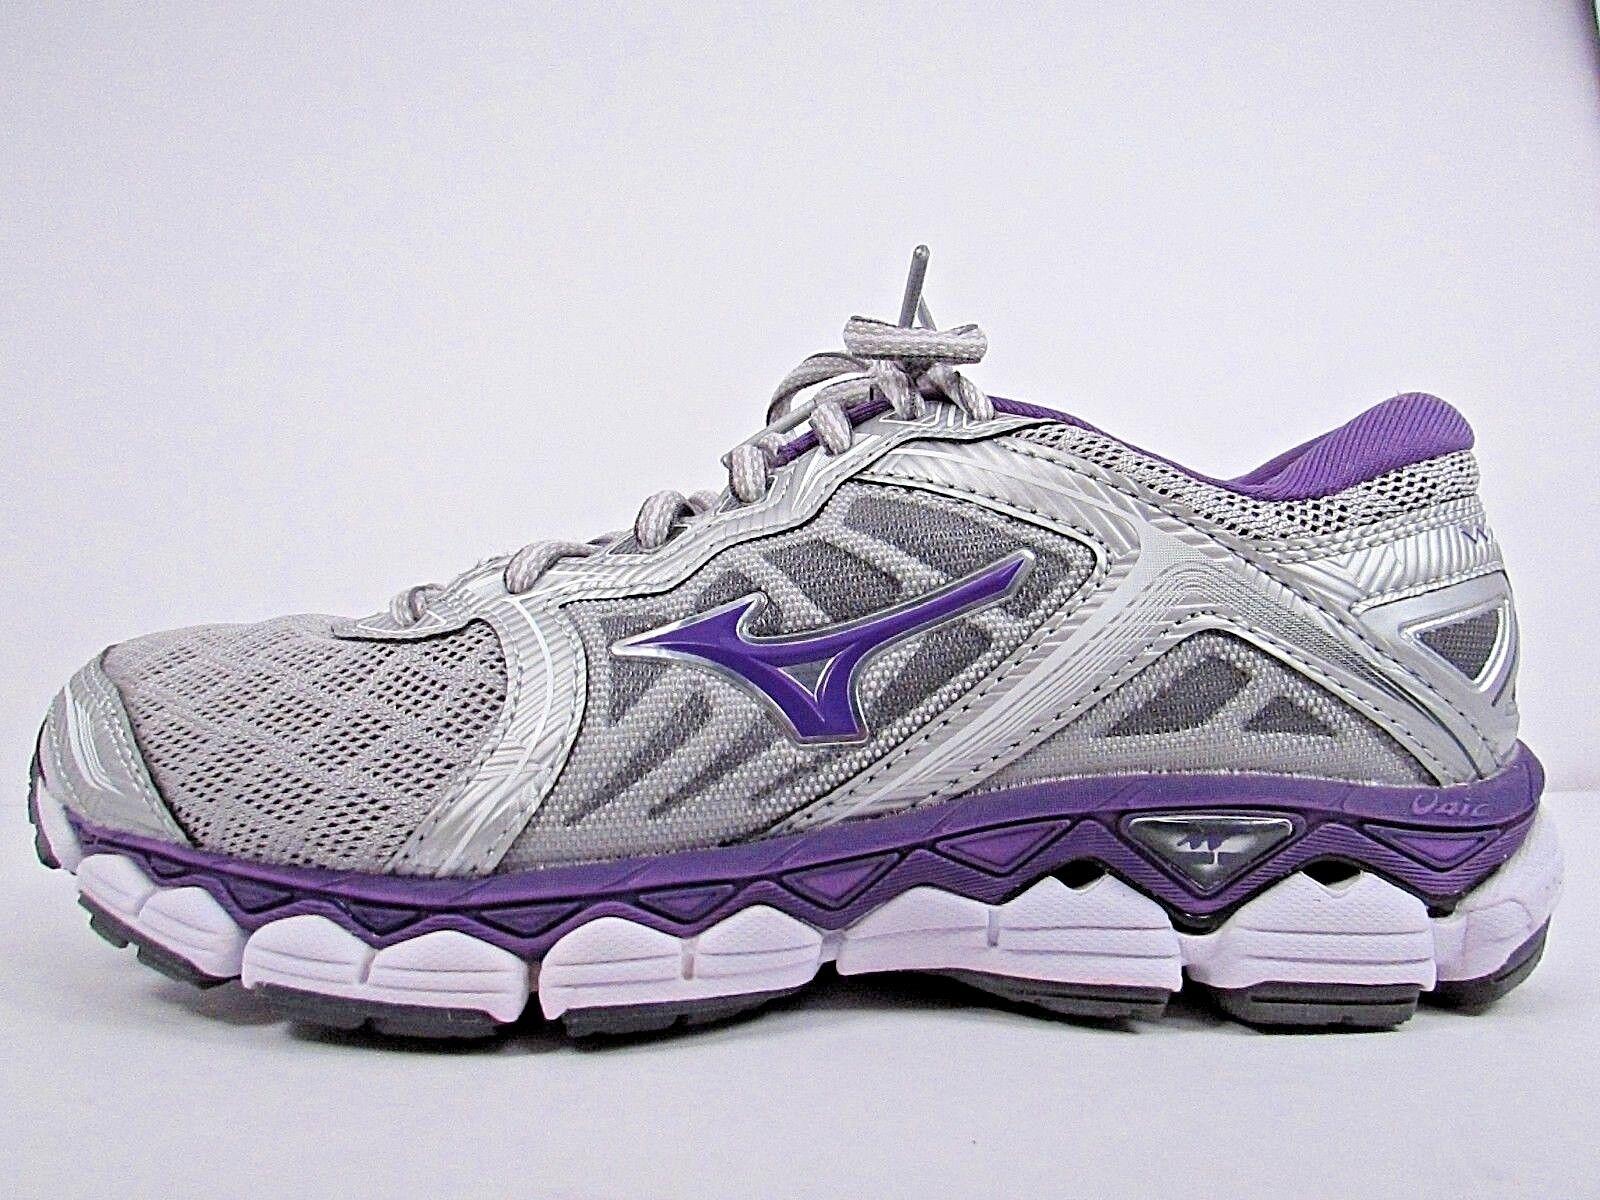 WOMEN'S MIZUNO WAVE SKY Größe 7.5   WORN LESS THAN 10 MILES  RUNNING Schuhe